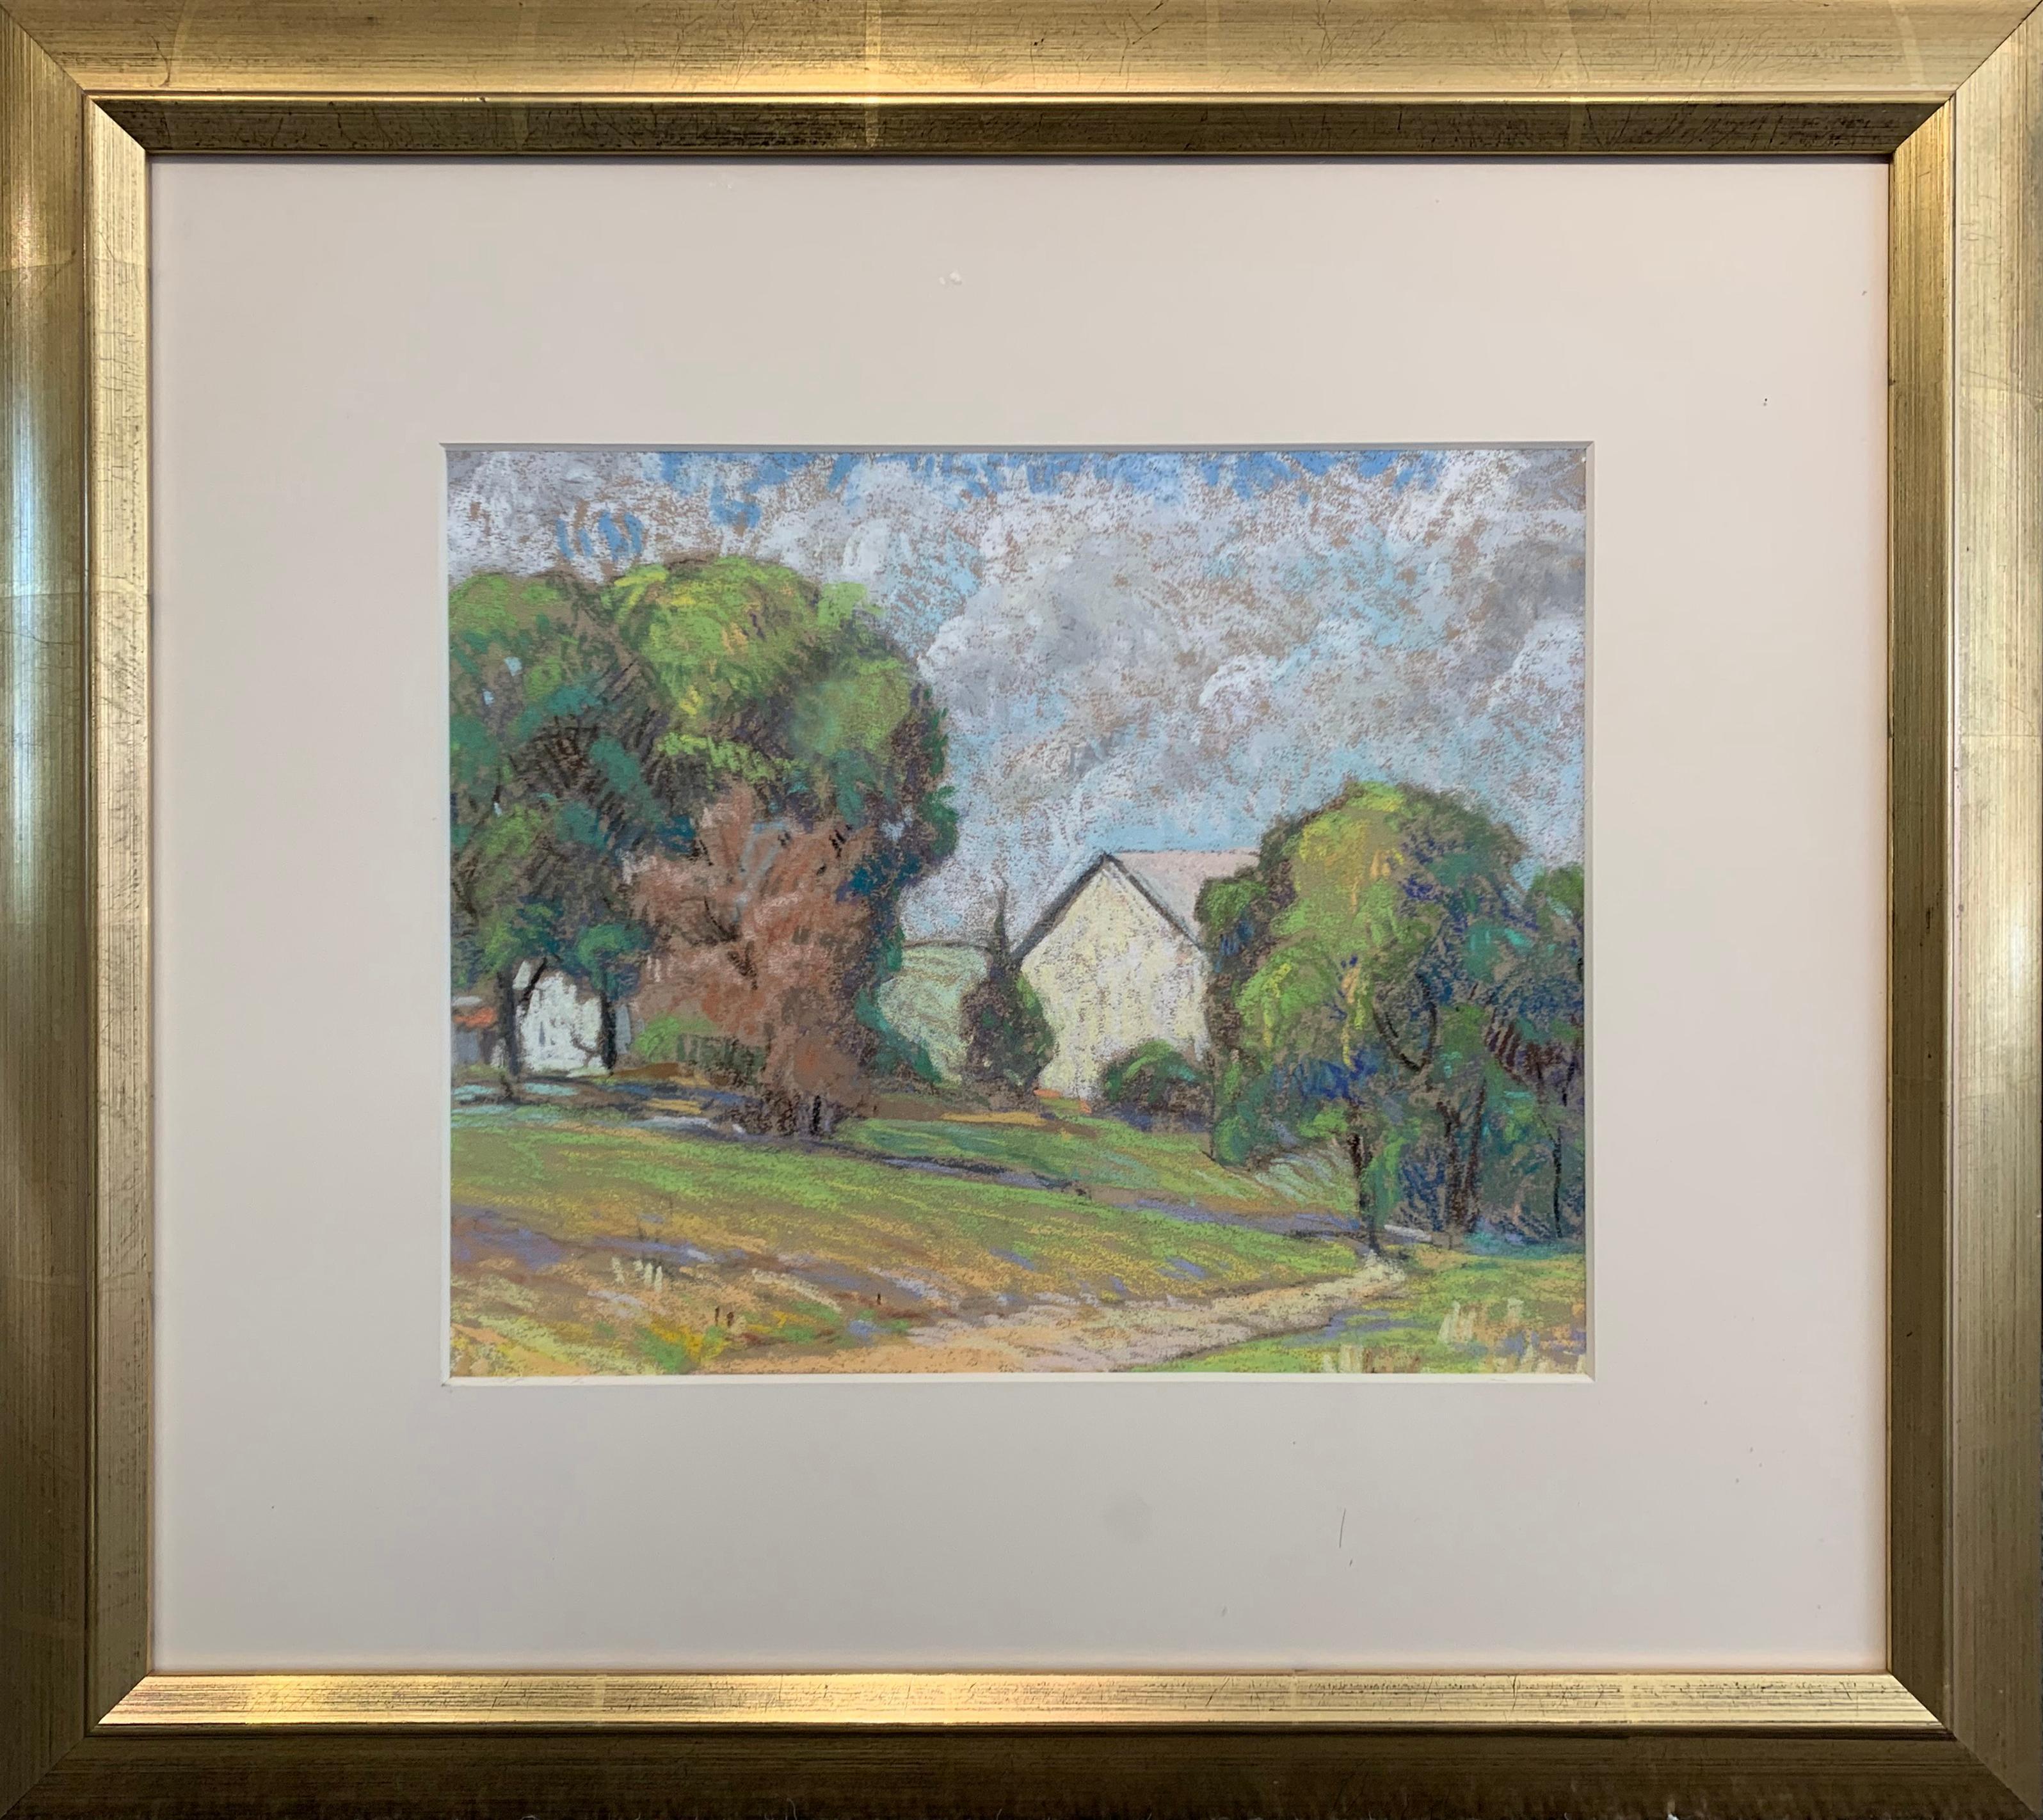 Spring Barn, American Impressionist Landscape, Pastel on Paper